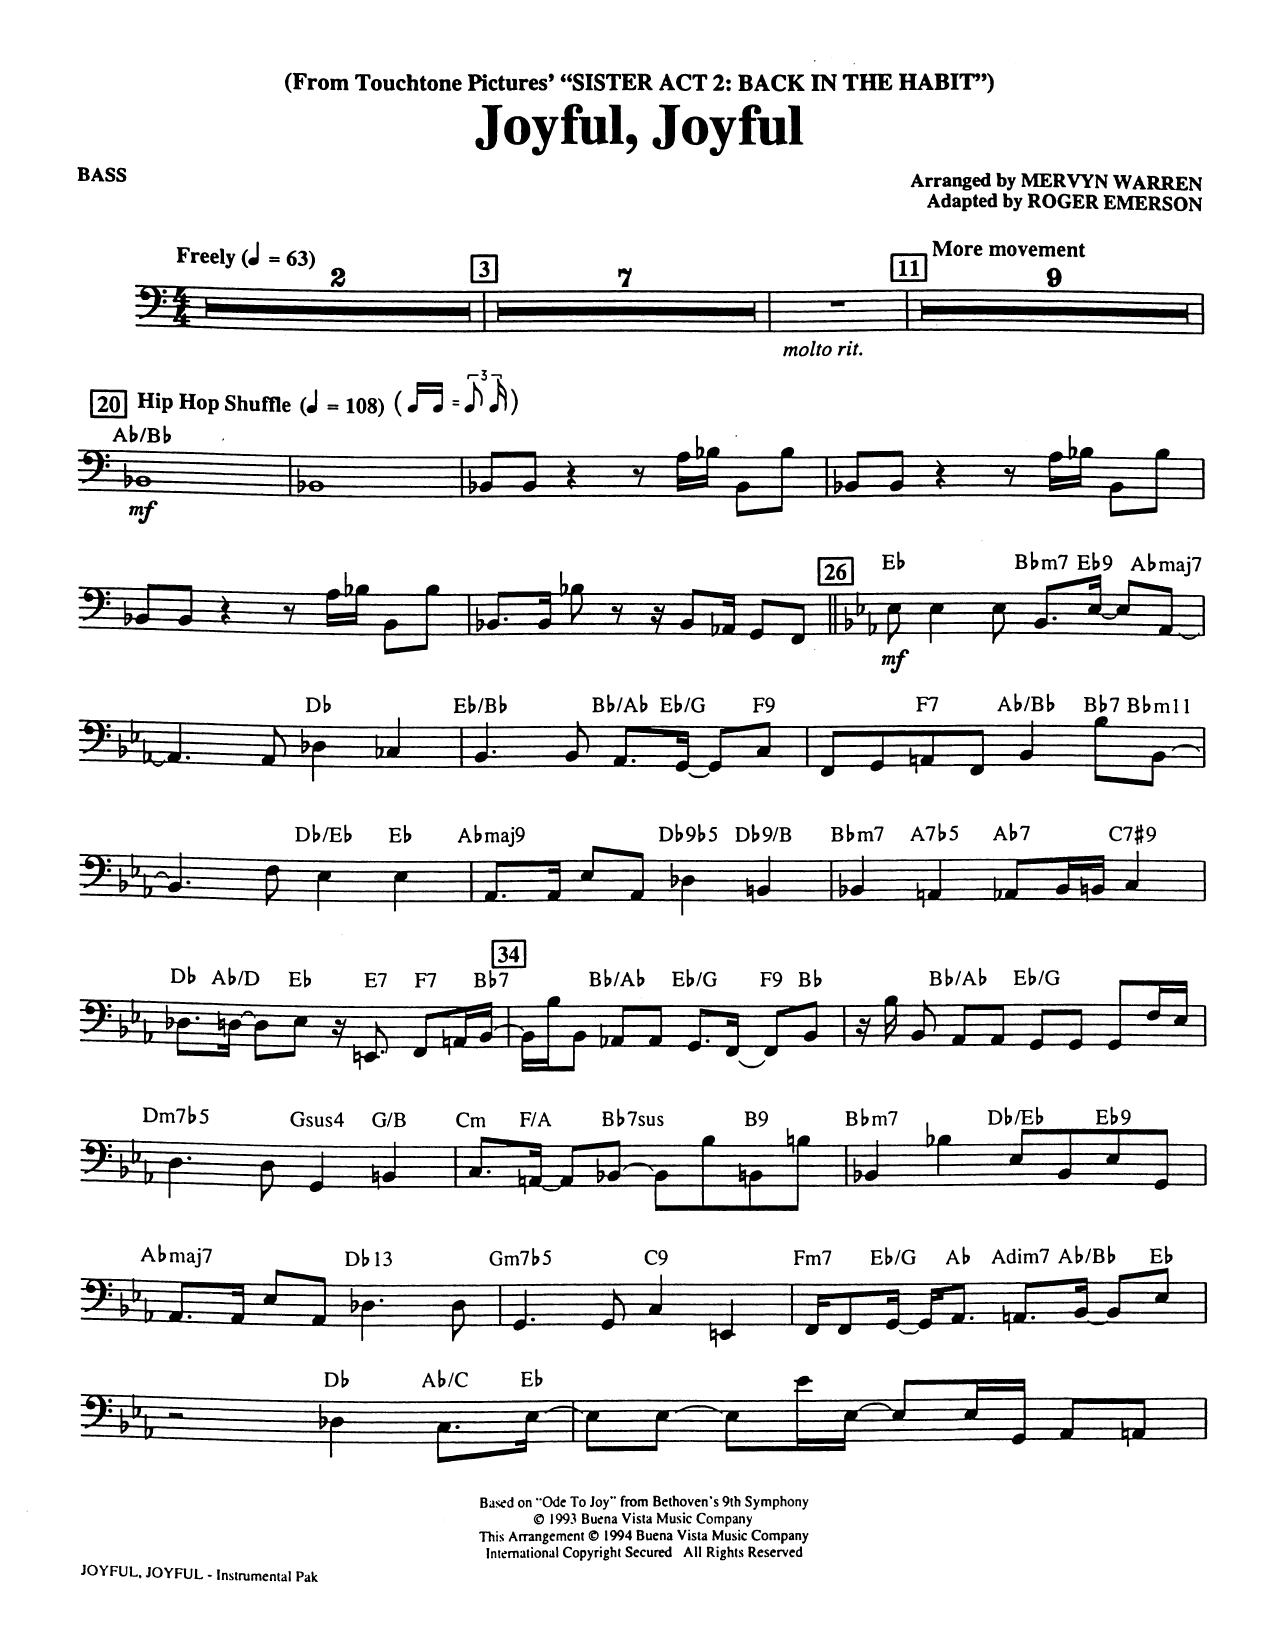 Joyful, Joyful (from Sister Act 2) (arr. Roger Emerson) - Acoustic Bass Sheet Music